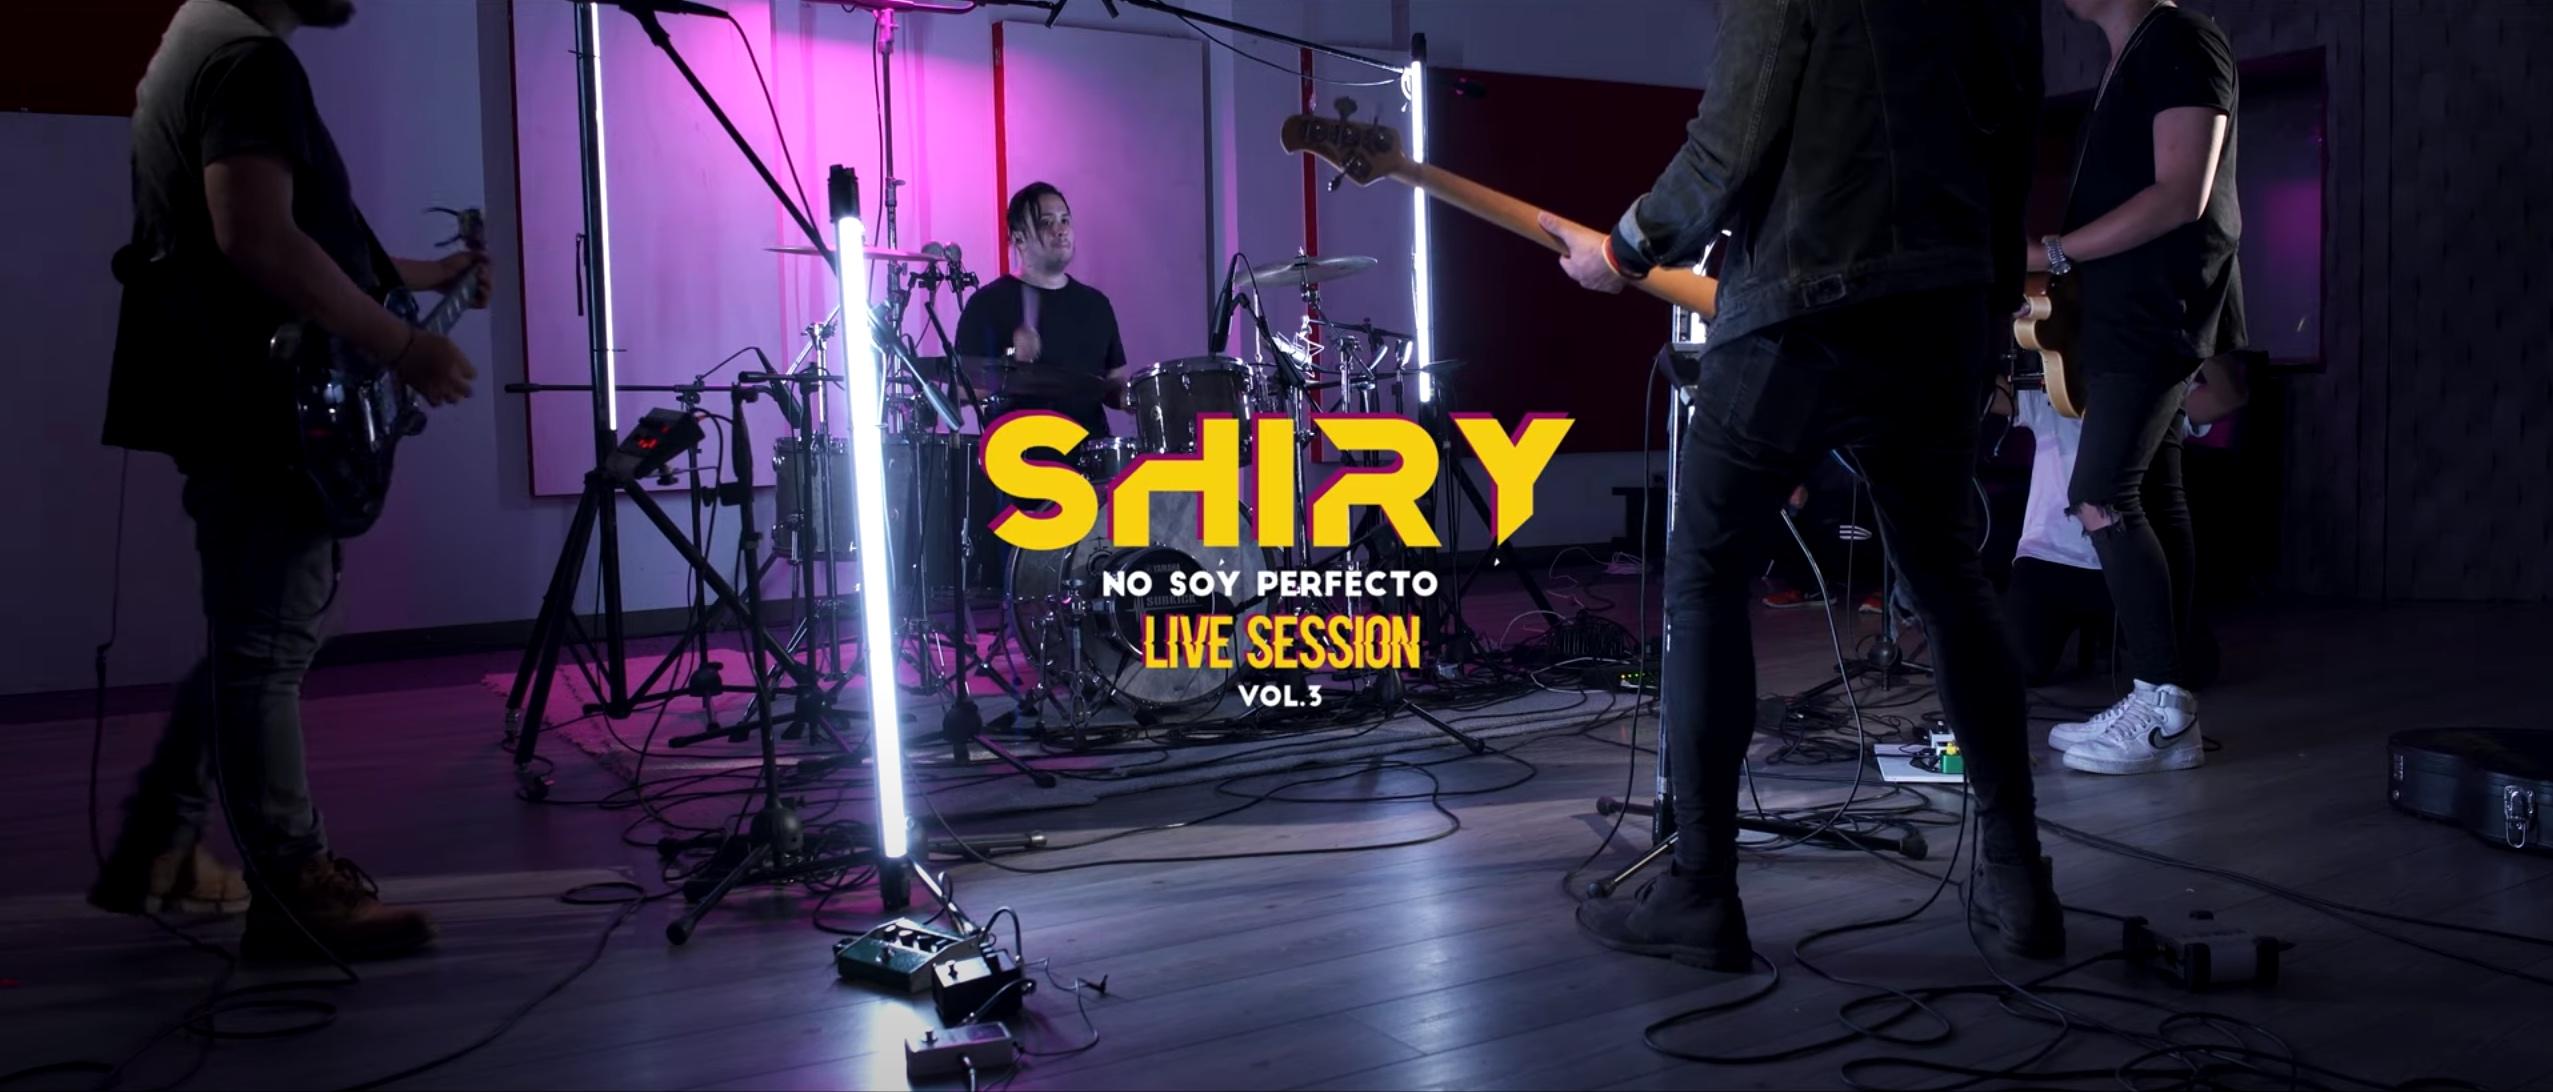 Shirymusic - No soy perfecto